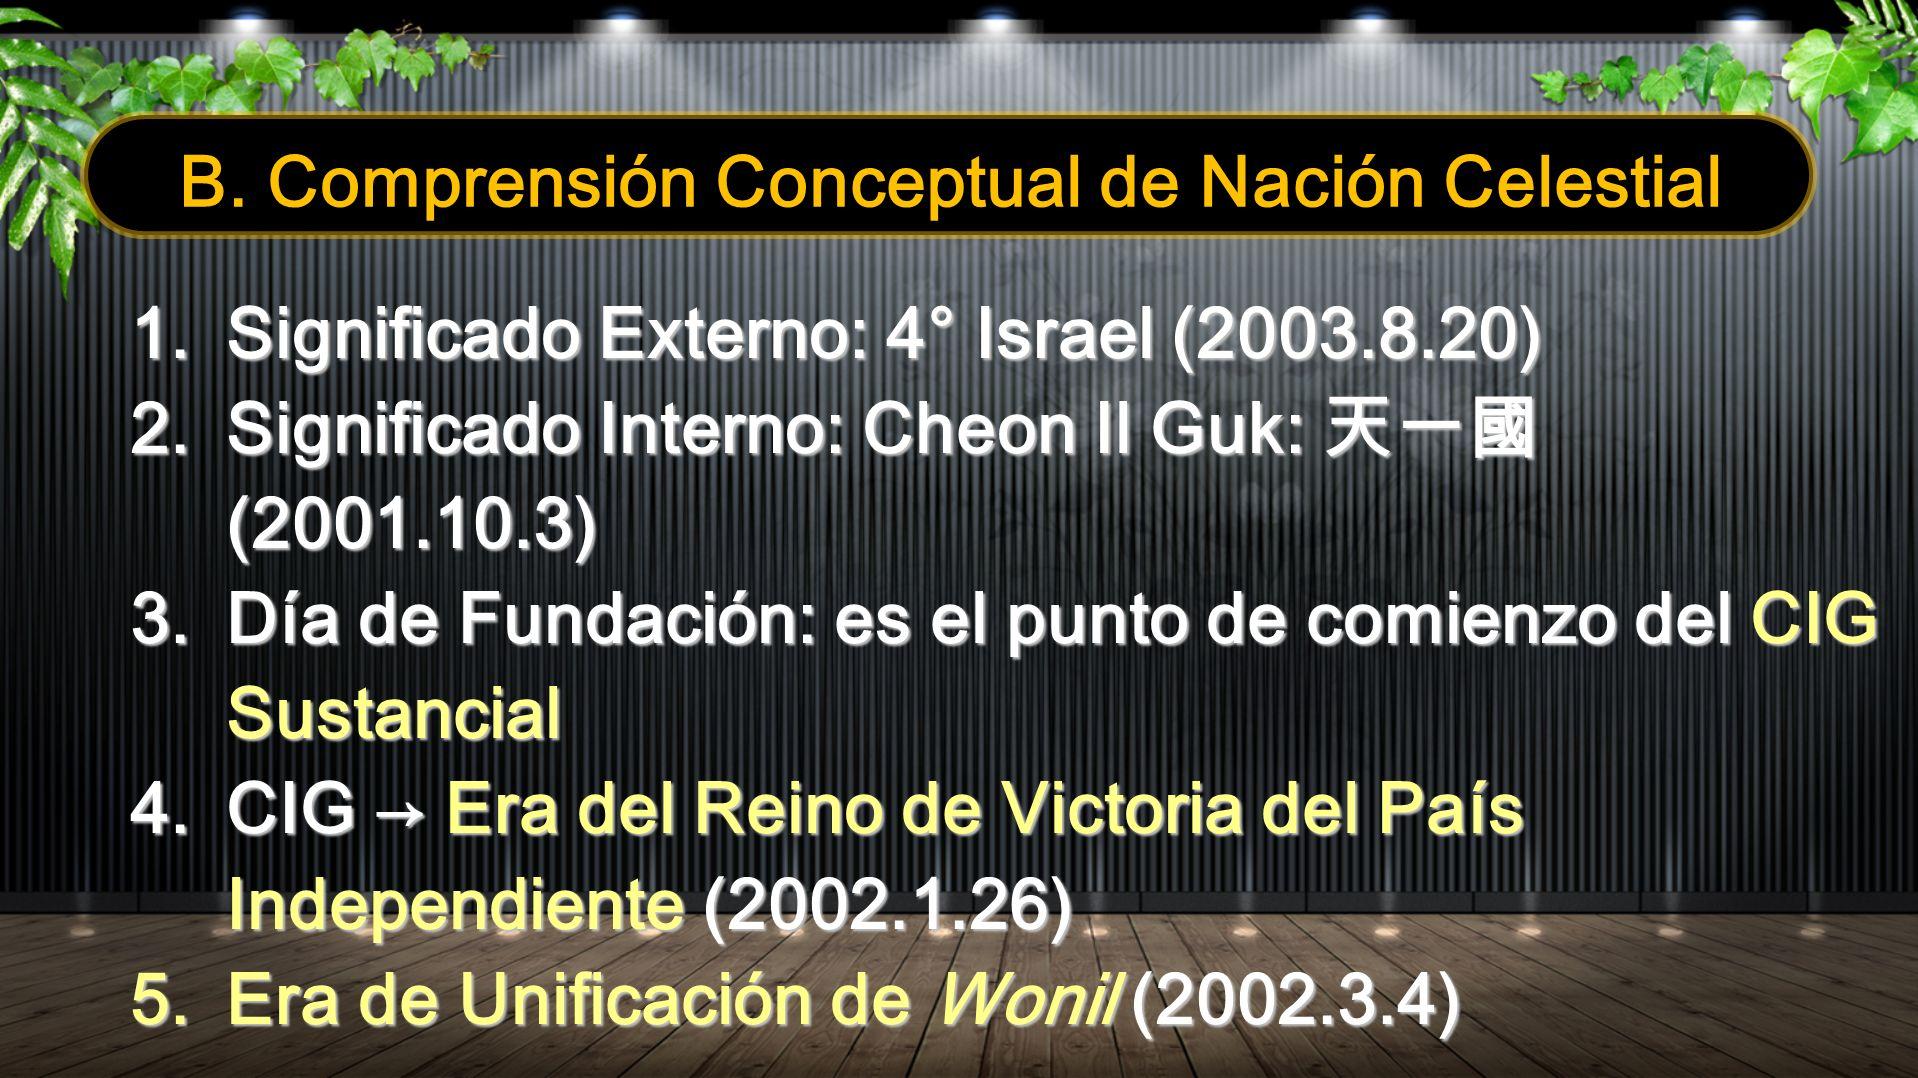 1.Significado Externo: 4° Israel (2003.8.20) 2.Significado Interno: Cheon Il Guk: (2001.10.3) 3.Día de Fundación: es el punto de comienzo del CIG Sust